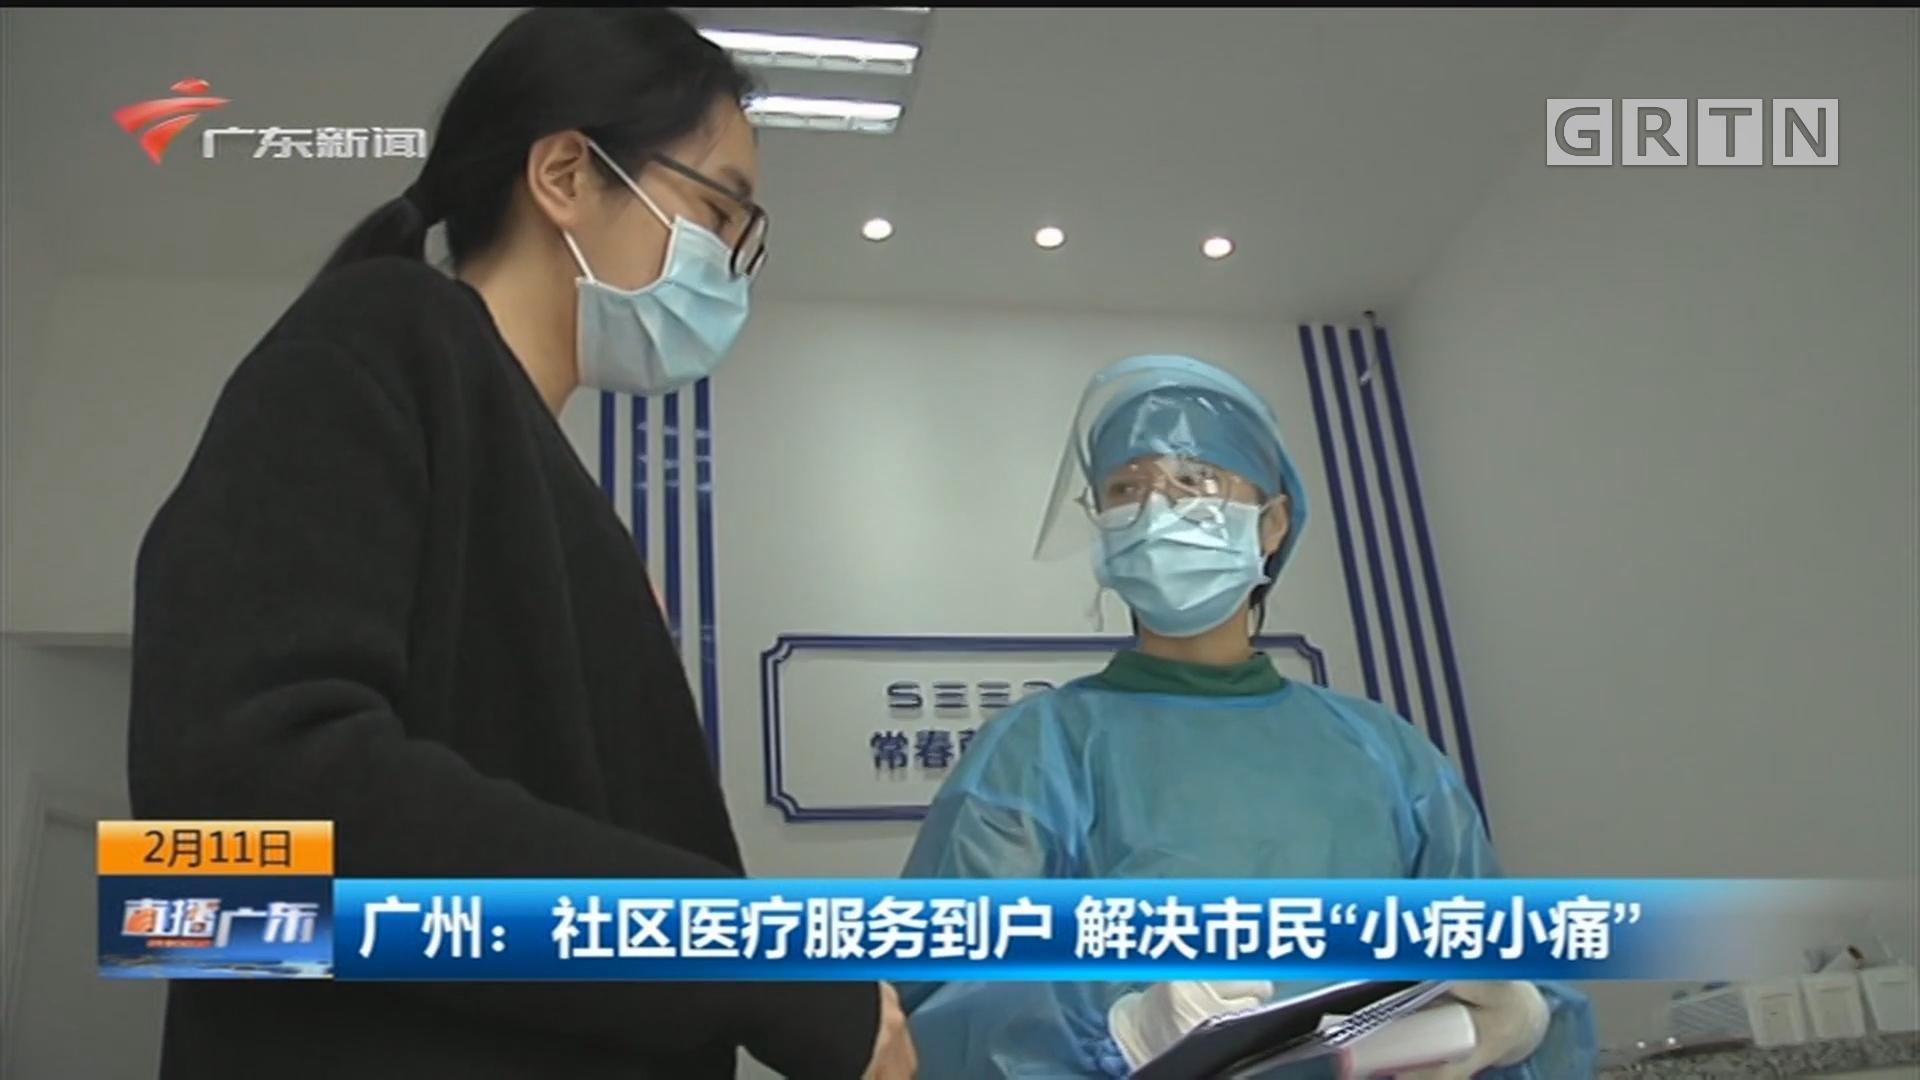 """广州:社区医疗服务到户 解决市民""""小病小痛"""""""